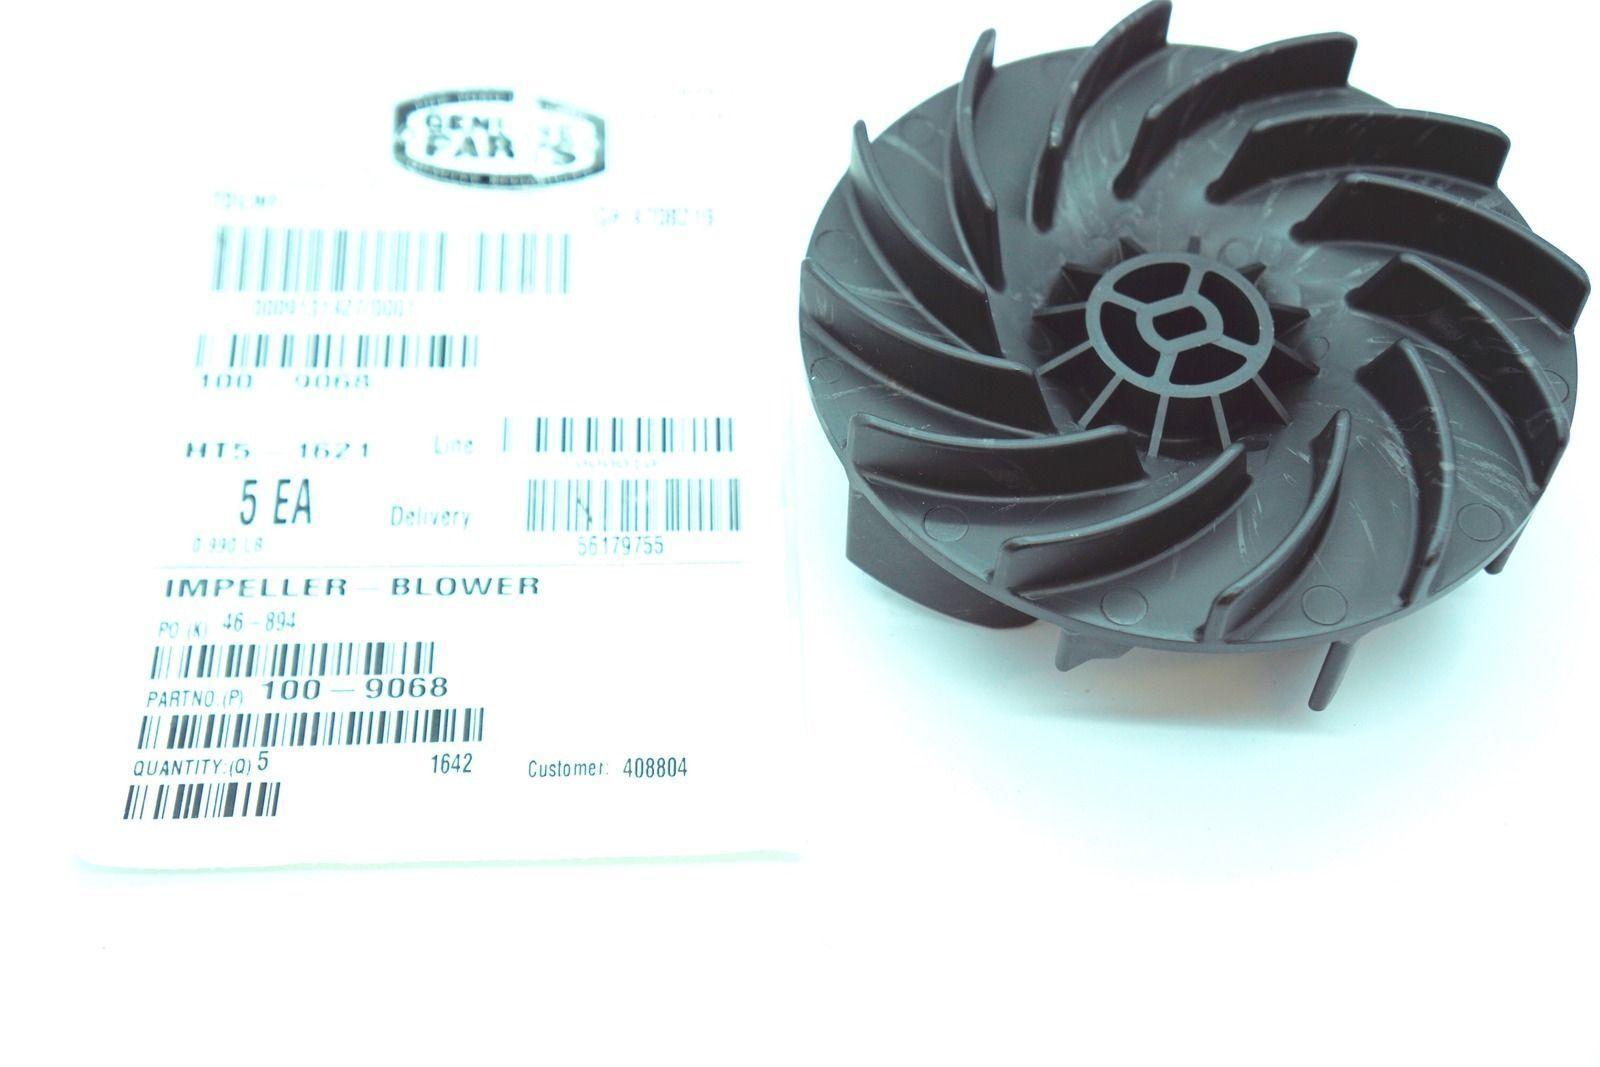 TOR Toro Electric Blower Impellar Fan 98-3150 OEM Toro Leaf Blower 98-3150